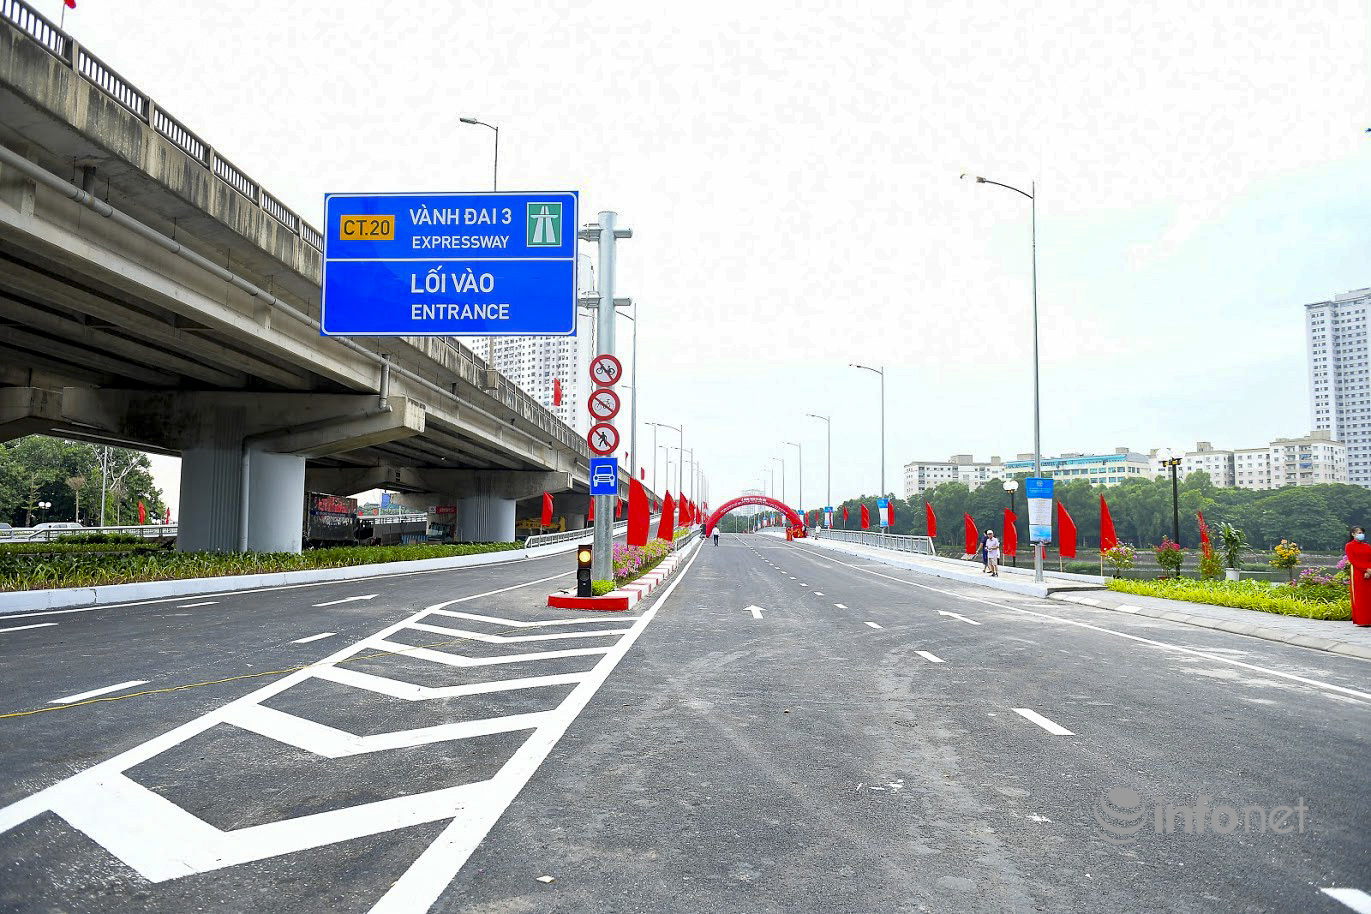 Hình ảnh cầu vượt hồ Linh Đàm thông xe, 'giải phóng' áp lực giao thông